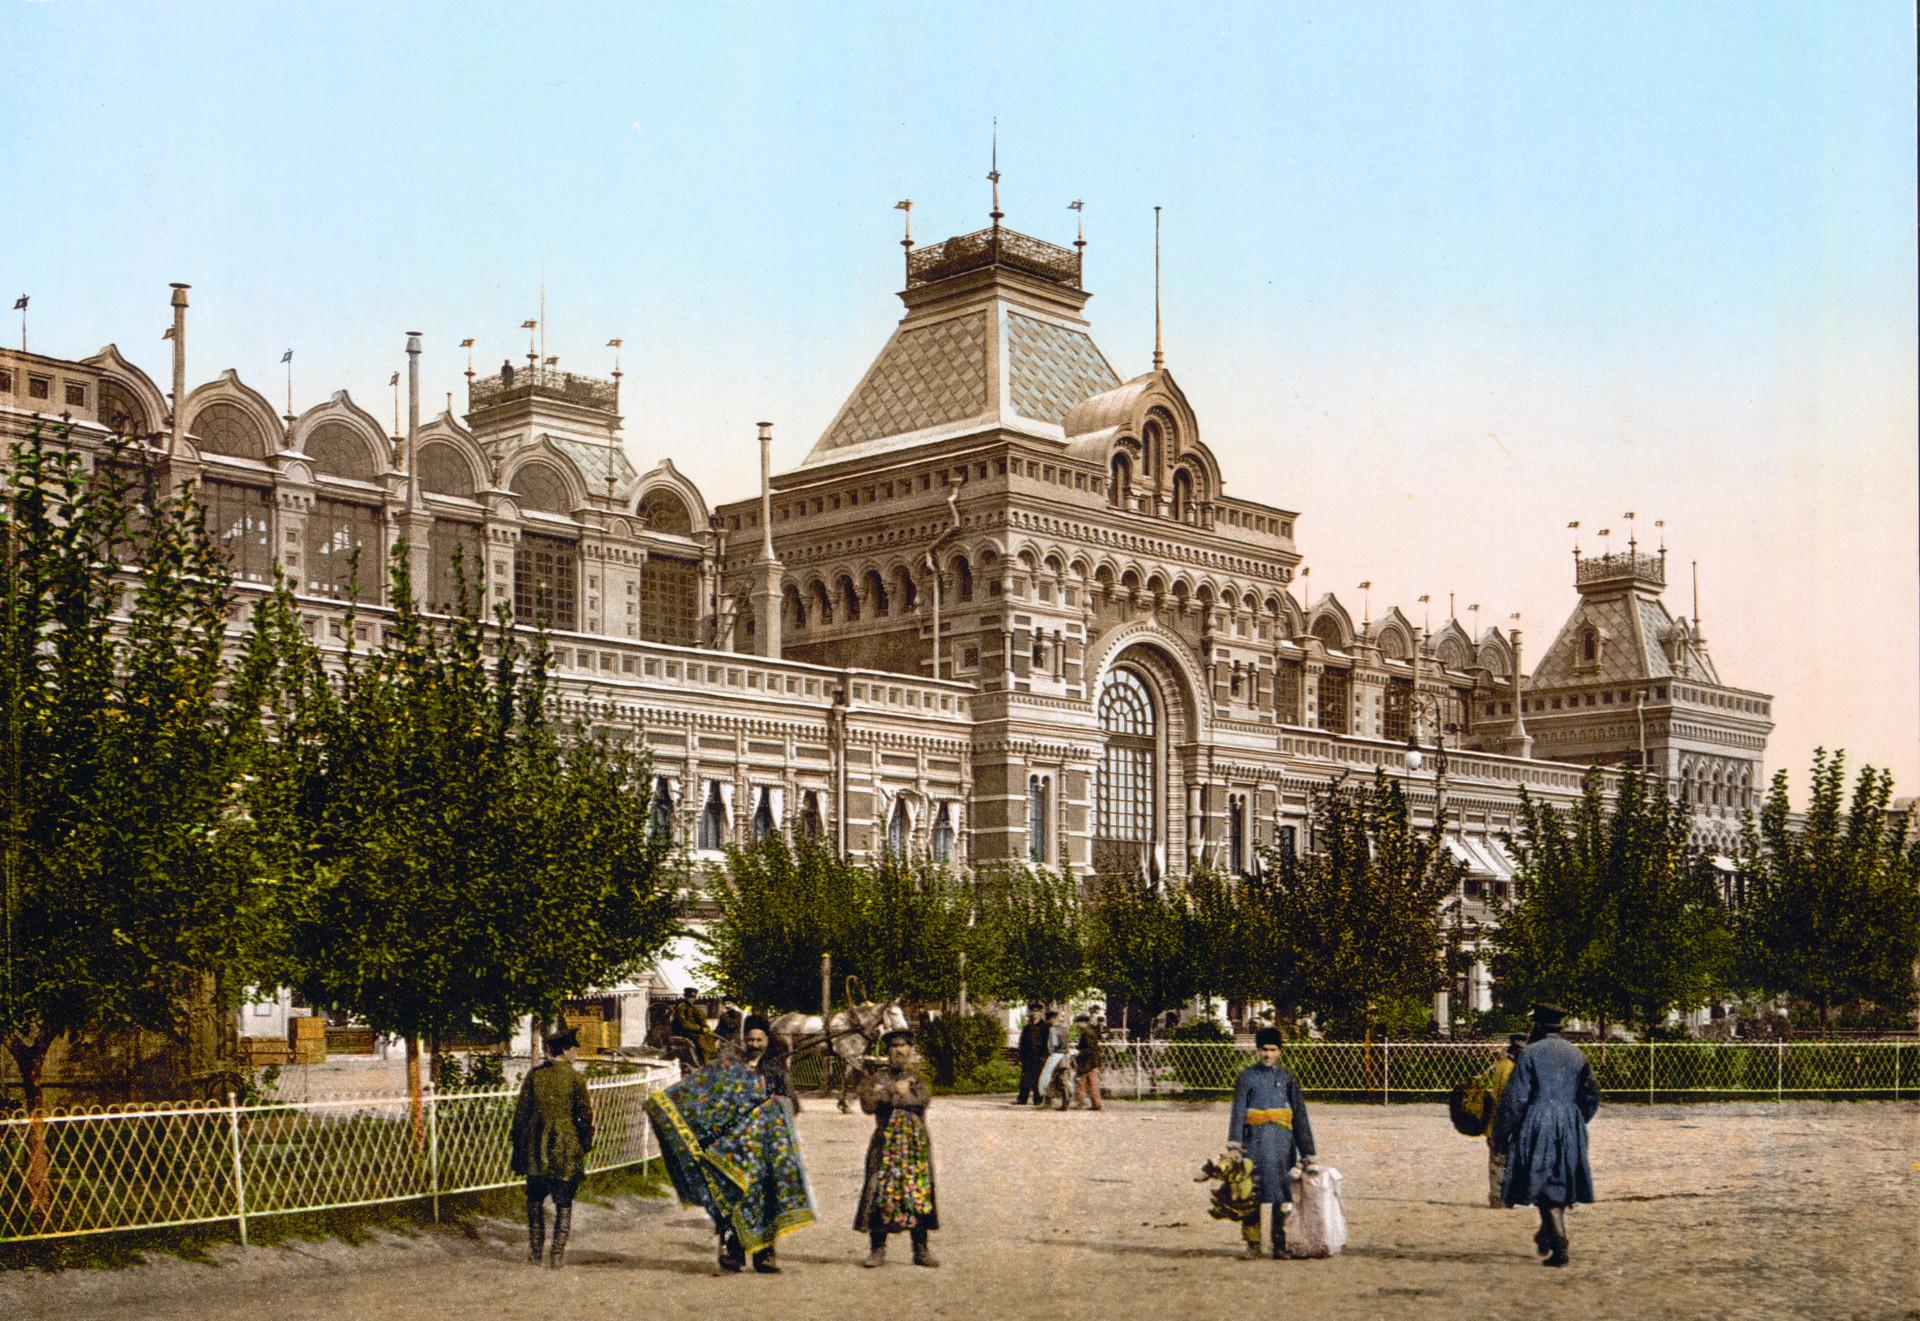 Največji trg v Novgorodu v času Murkovega potovanja po Rusiji